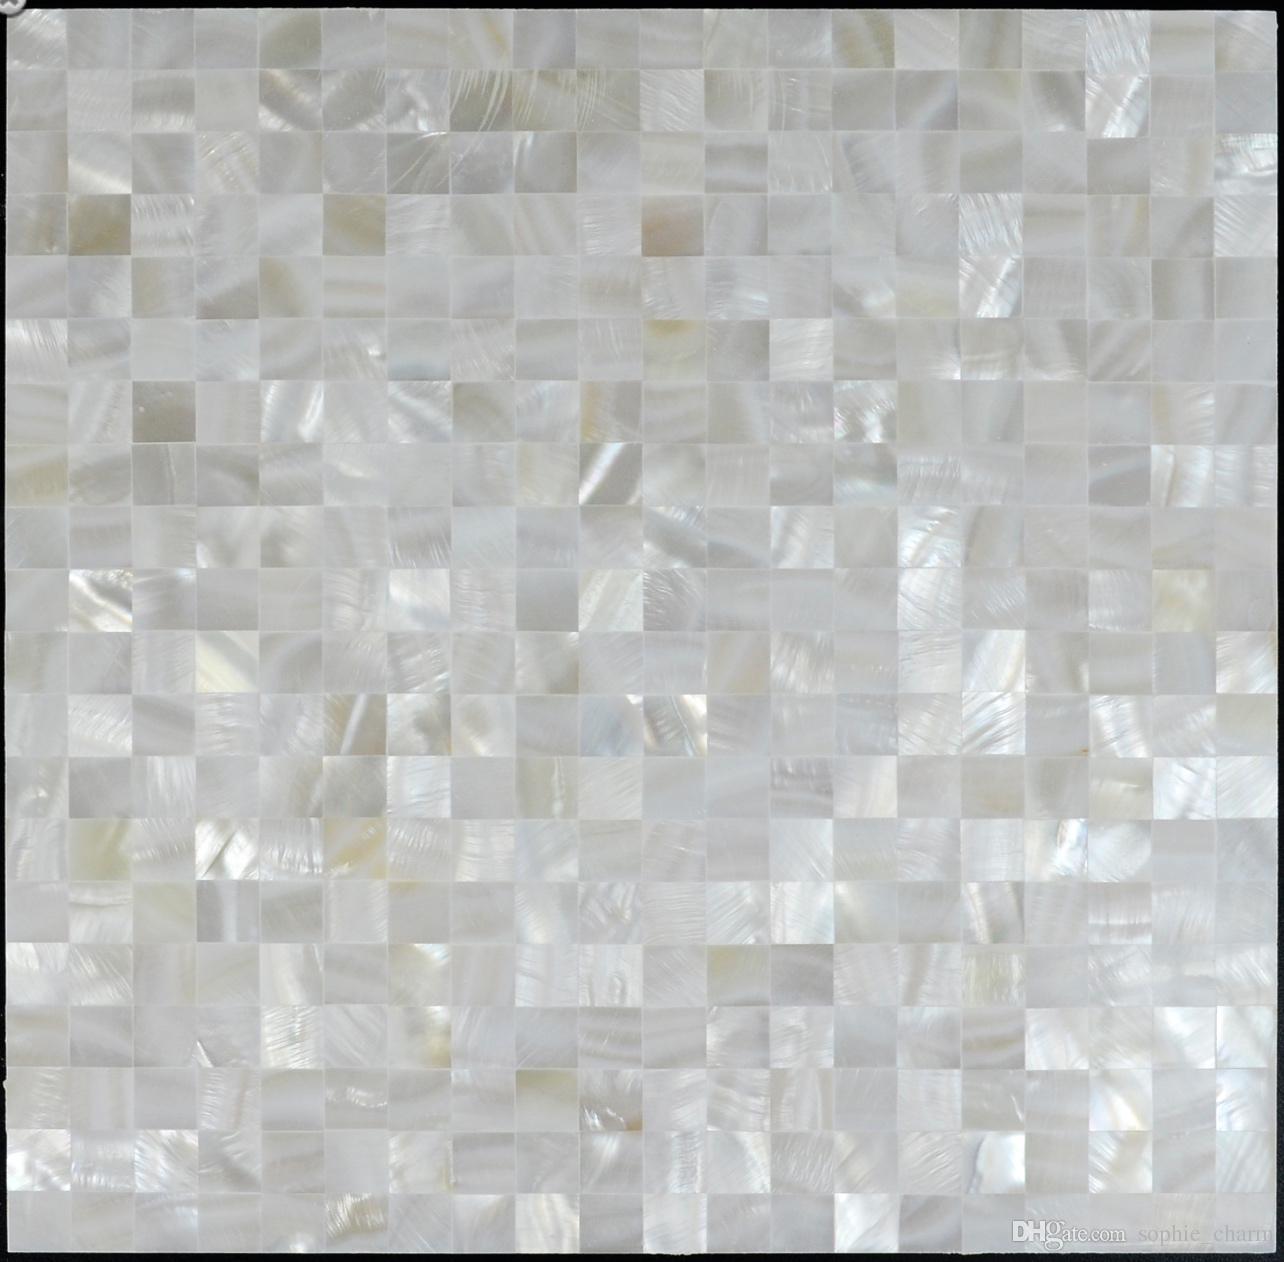 Großhandel 10mm Dicke Fugenlos Weiß Perlmutt Muschel Mosaik Wand Backsplash  MOP0103 Muschel Badezimmer Wand Bodenfliesen Von Sophie_charm, 10,10 € Auf